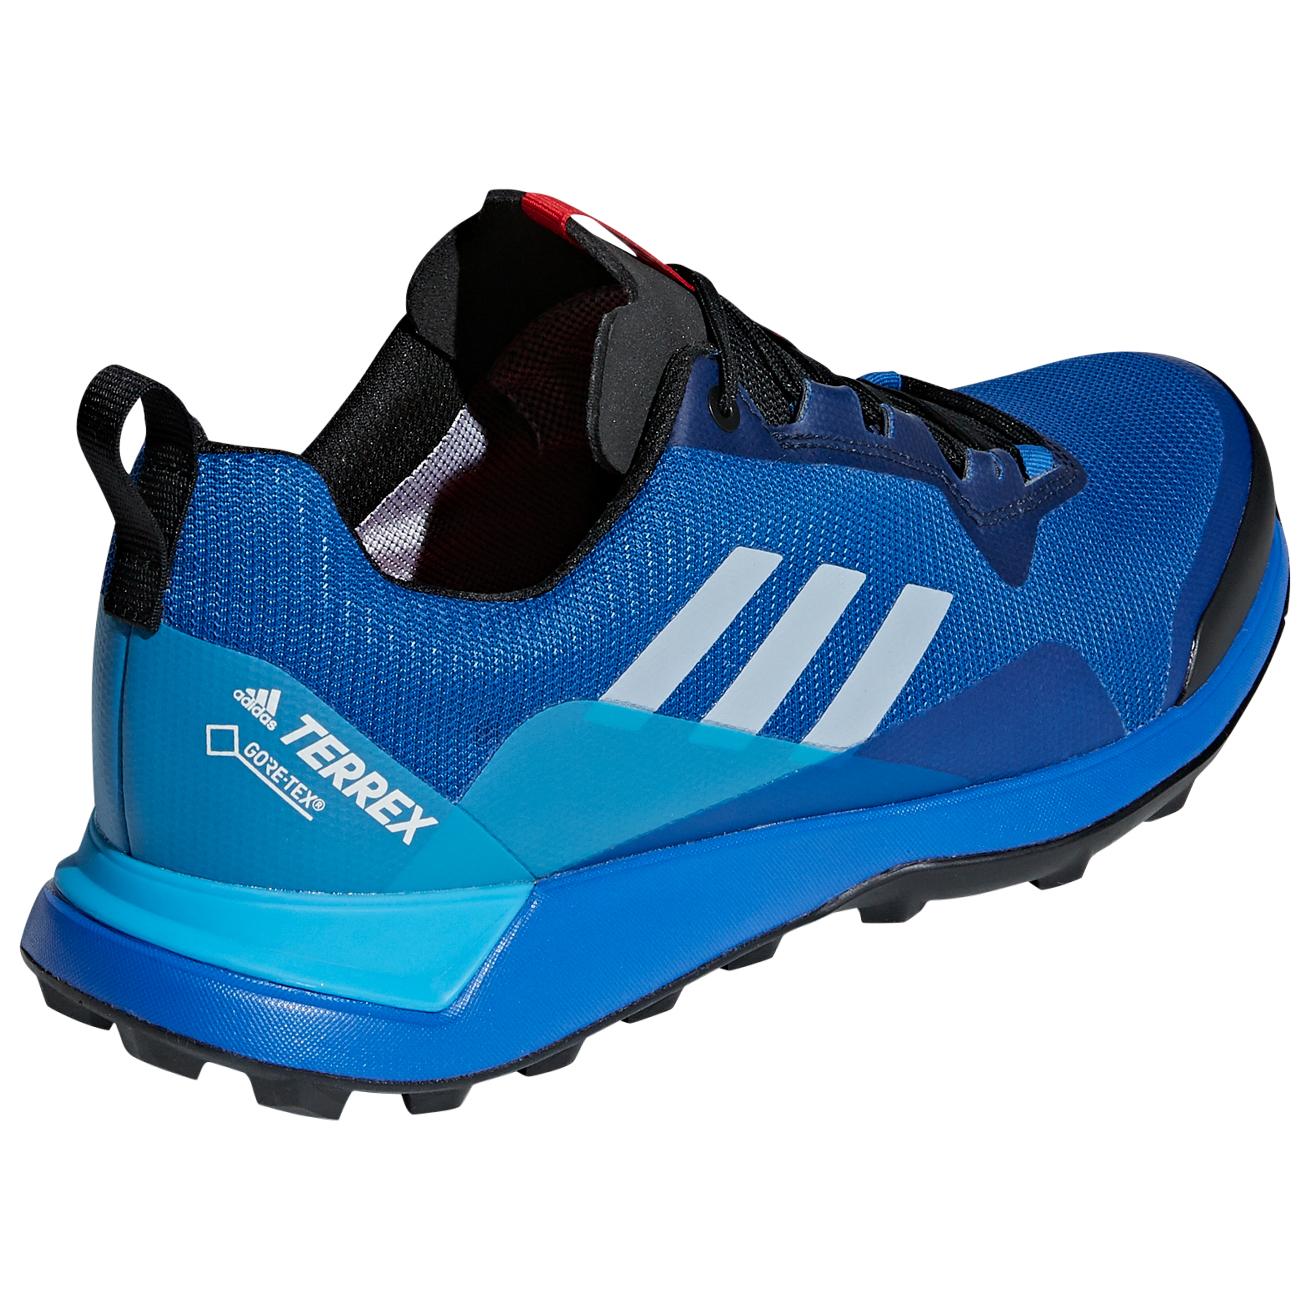 Adidas terrex heren gratis jpg 1310x1310 Adidas terrex cmtk b7c634b25